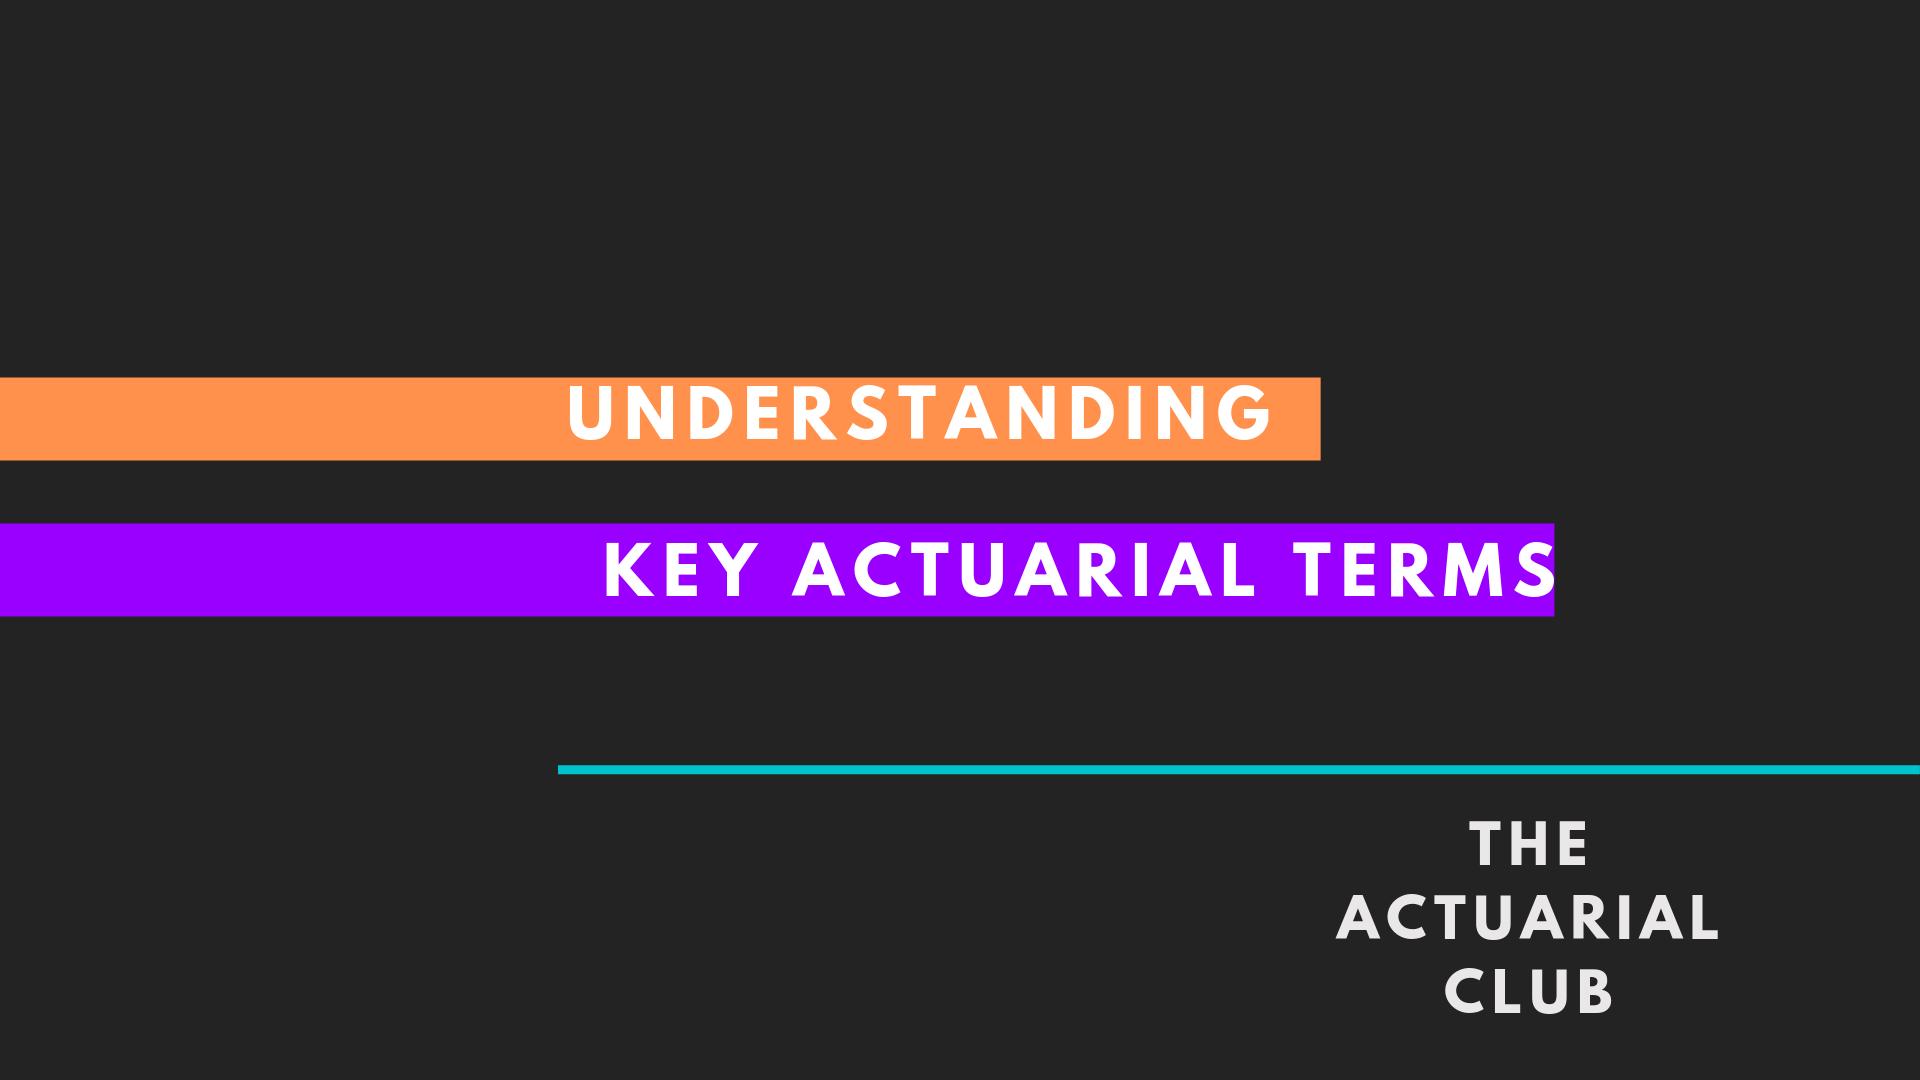 key actuarial terms